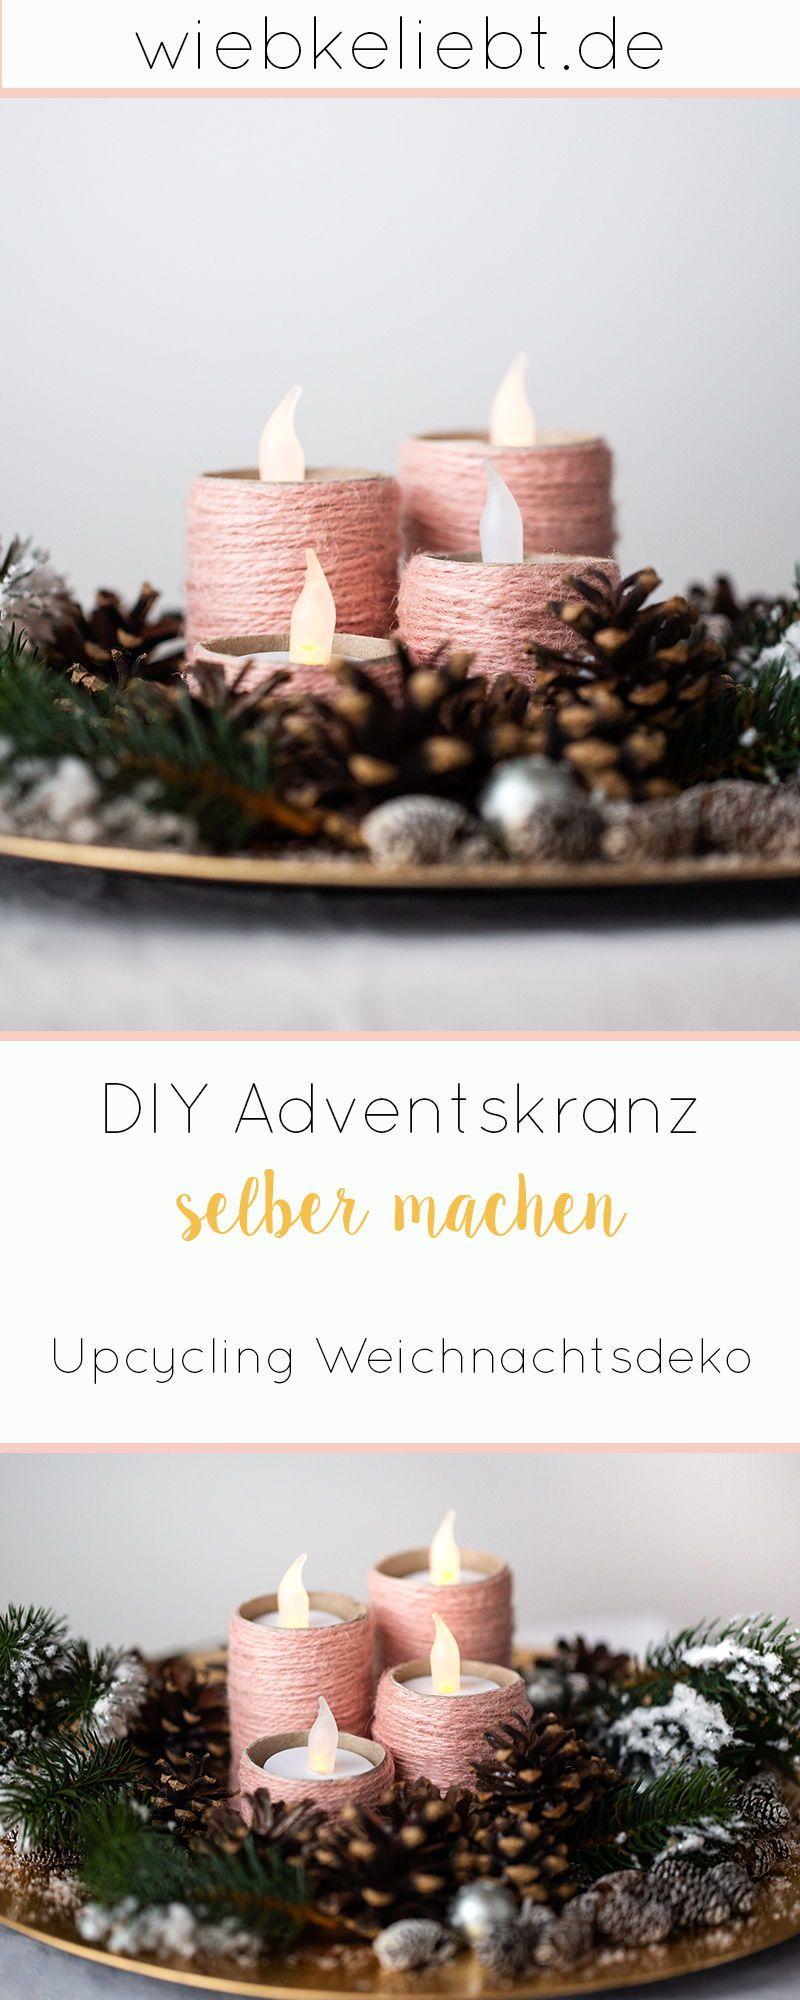 Photo of Adventskranz aus Klopapierrollen basteln – DIY Weihnachten   DIY Blog   Do-it-yourself Anleitungen zum Selbermachen   Wiebkeliebt